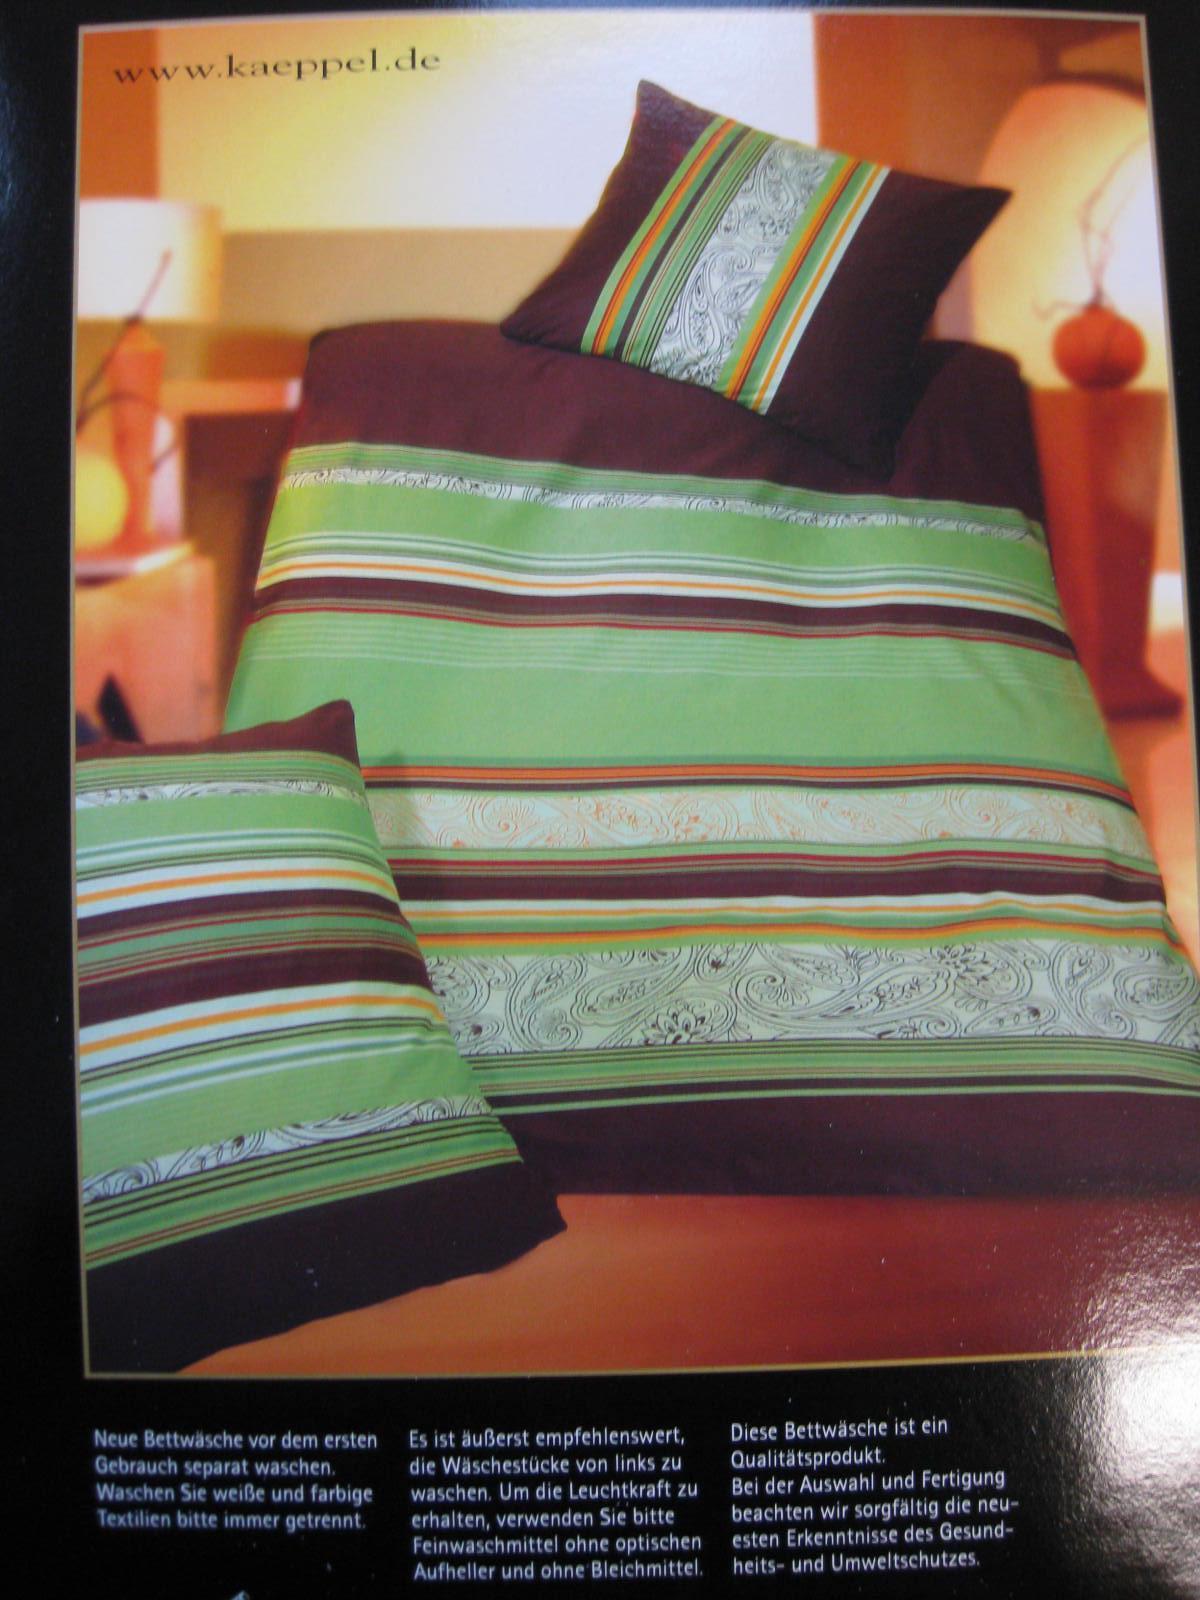 neue bettwasche waschen beautiful bettwsche with neue. Black Bedroom Furniture Sets. Home Design Ideas